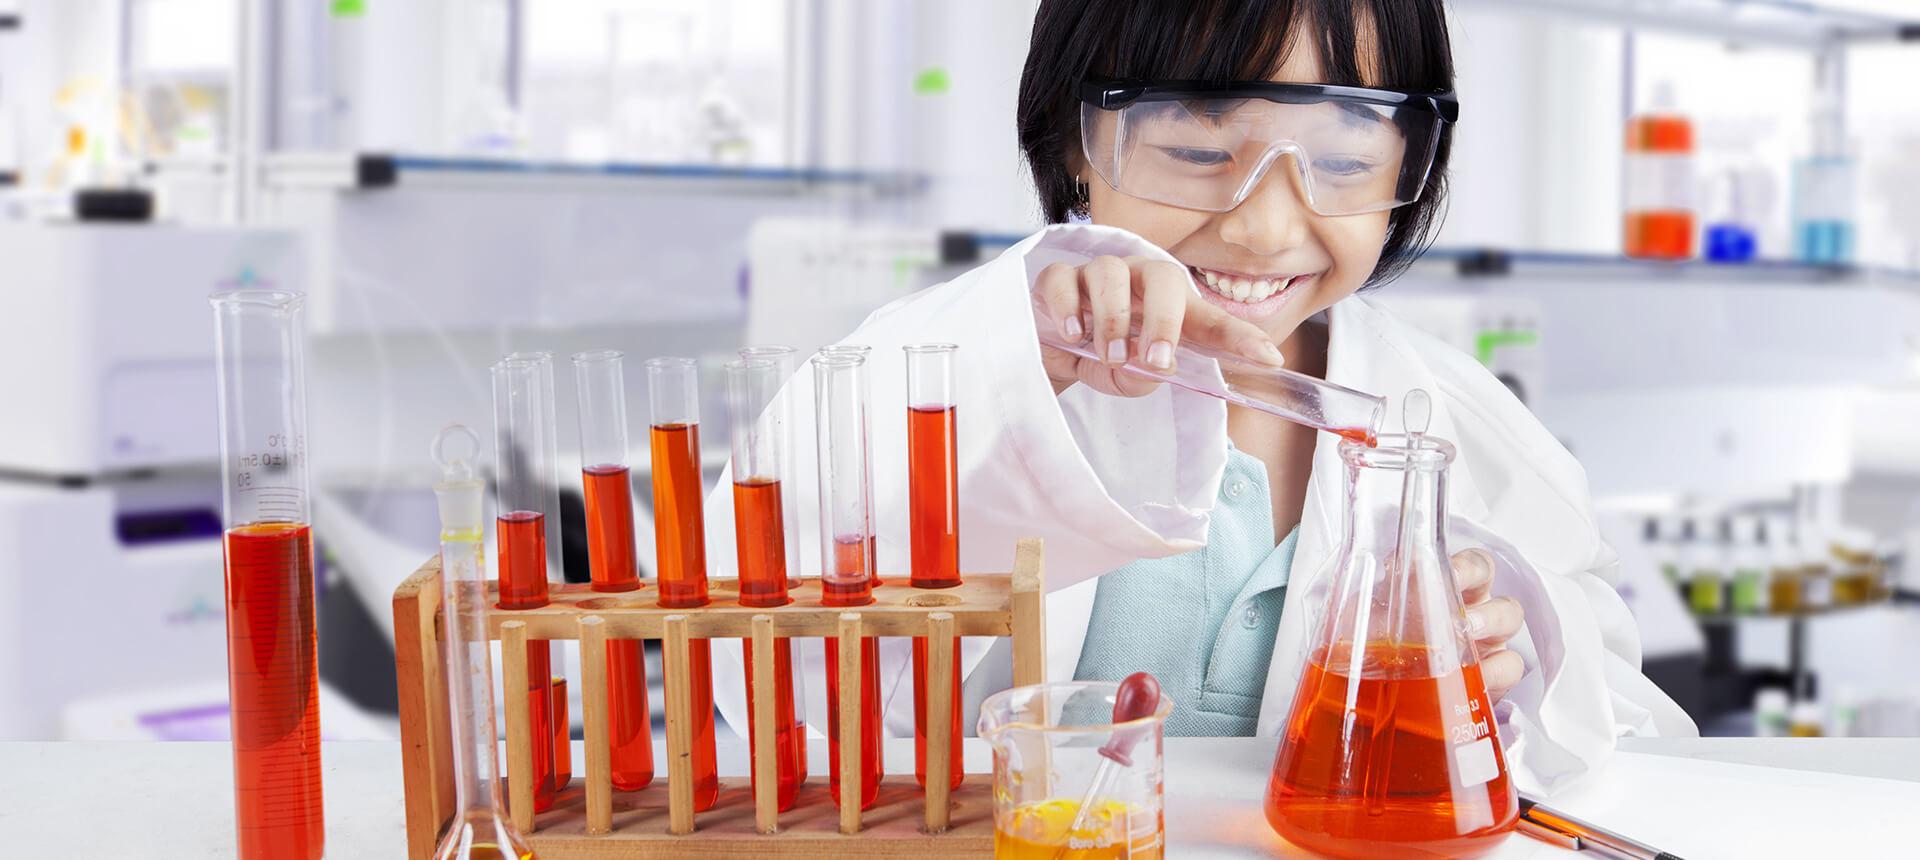 science_bg